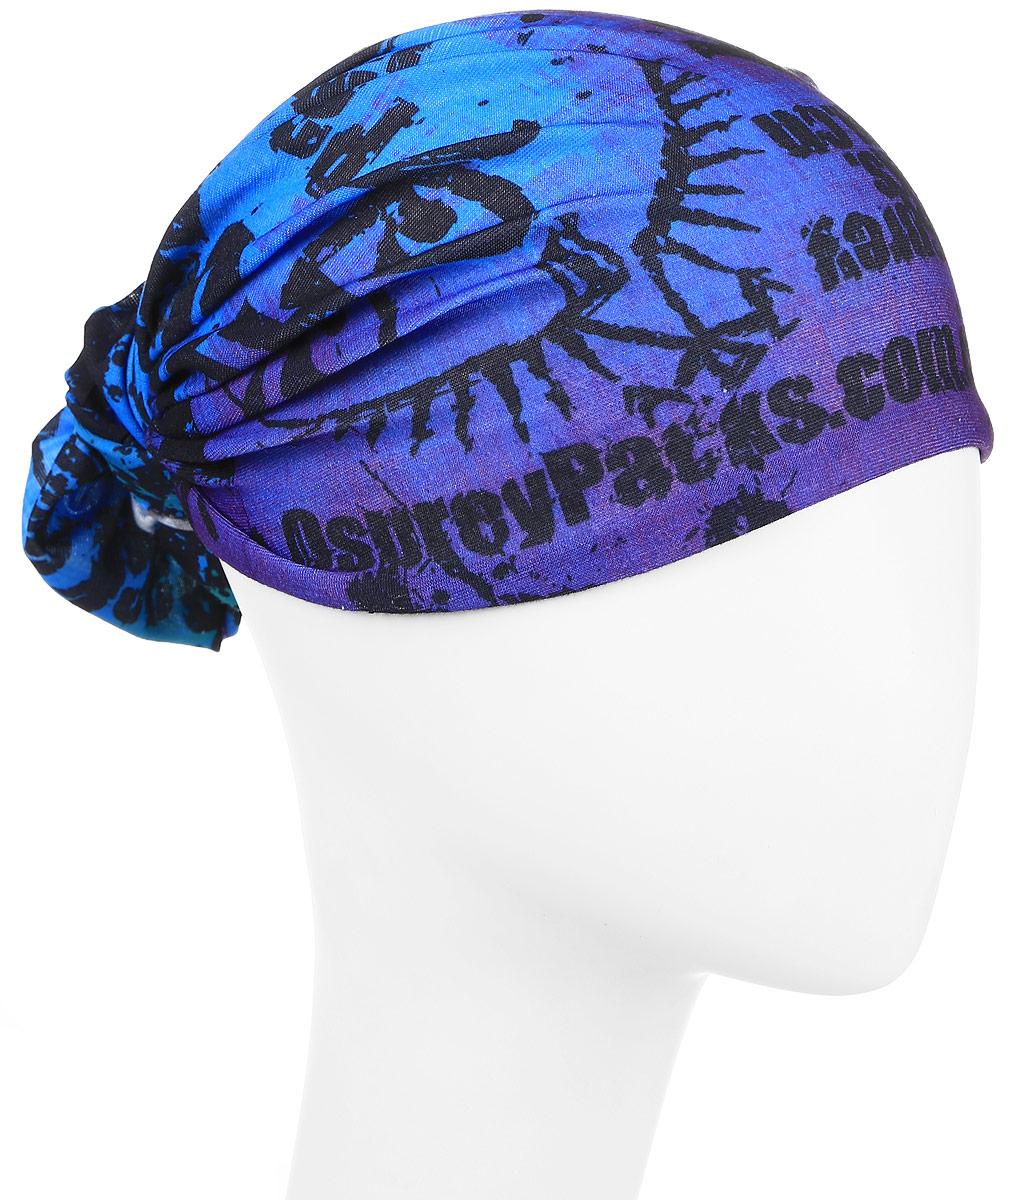 Повязка на головуPoY100220Повязка на голову из хлопка с полиэстером в яркой цветовой гамме. Размер универсальный. Различные варианты носки.